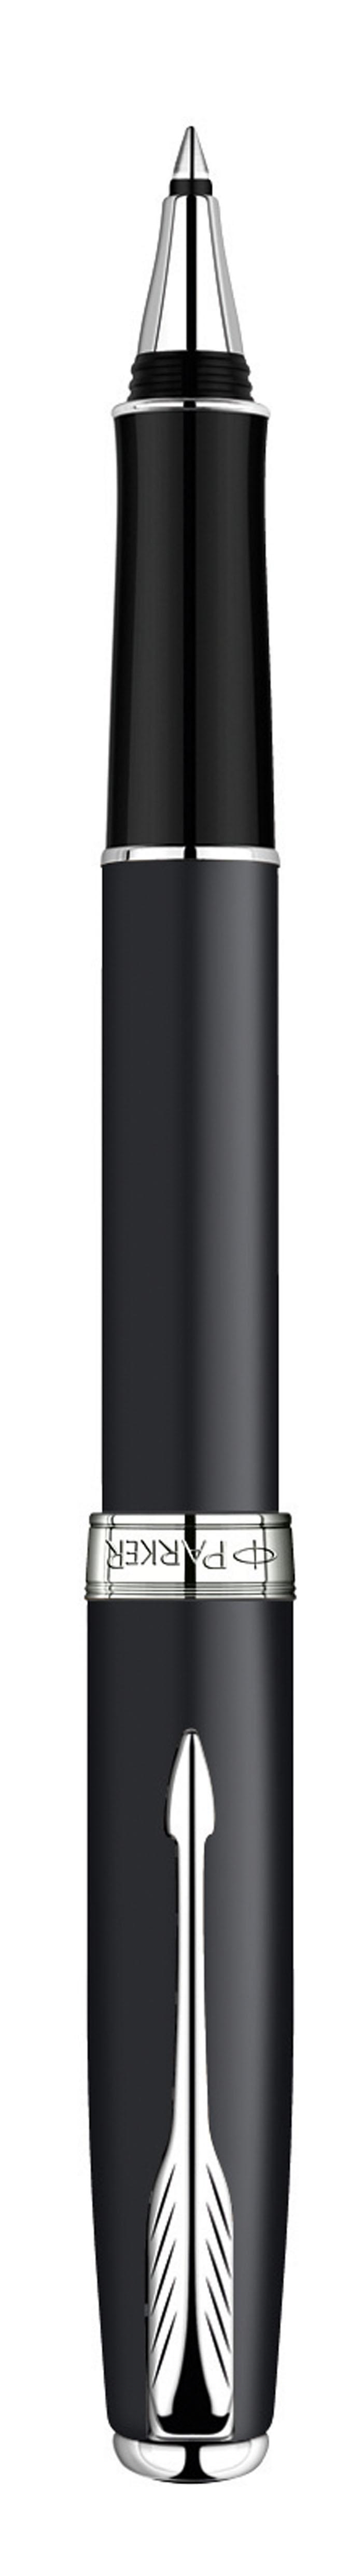 Роллер Sonnet Matte Black CT. PARKER-S0818110PARKER-S0818110Ручка-роллер Паркер Сонет Матт Блэк Лак Си Ти. Инструмент для письма, линия письма - тонкая, цвет чернил черный, в подарочной упаковке. Произведено во Франции.